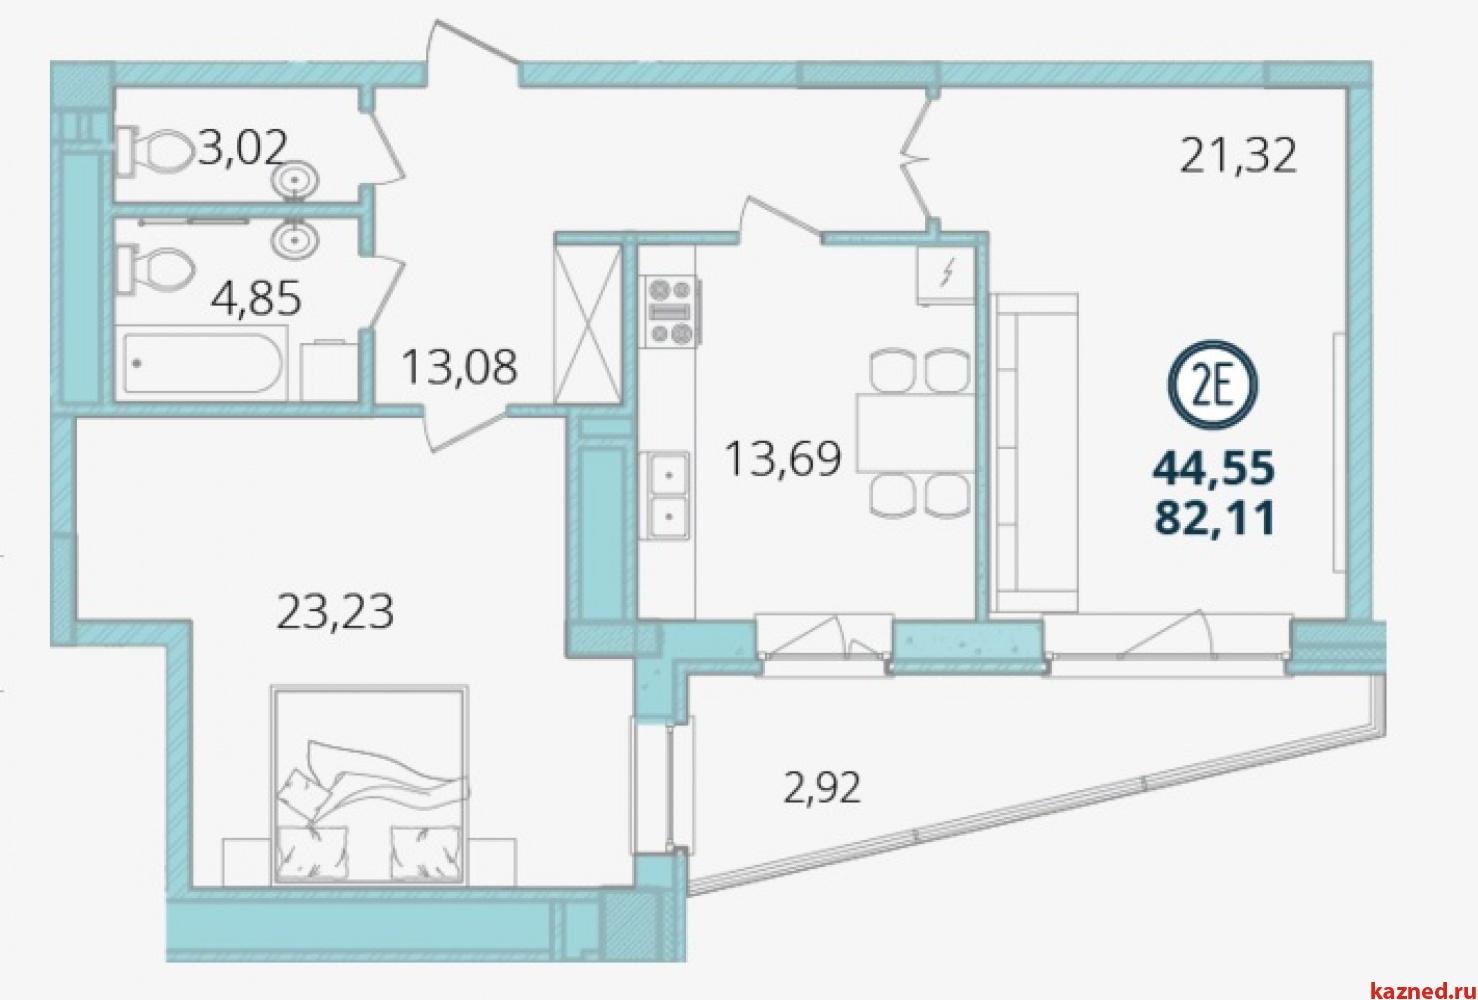 Продажа 2-к квартиры Дубравная д.16А-15 ЖК Экопарк Дубрава, 82 м²  (миниатюра №2)